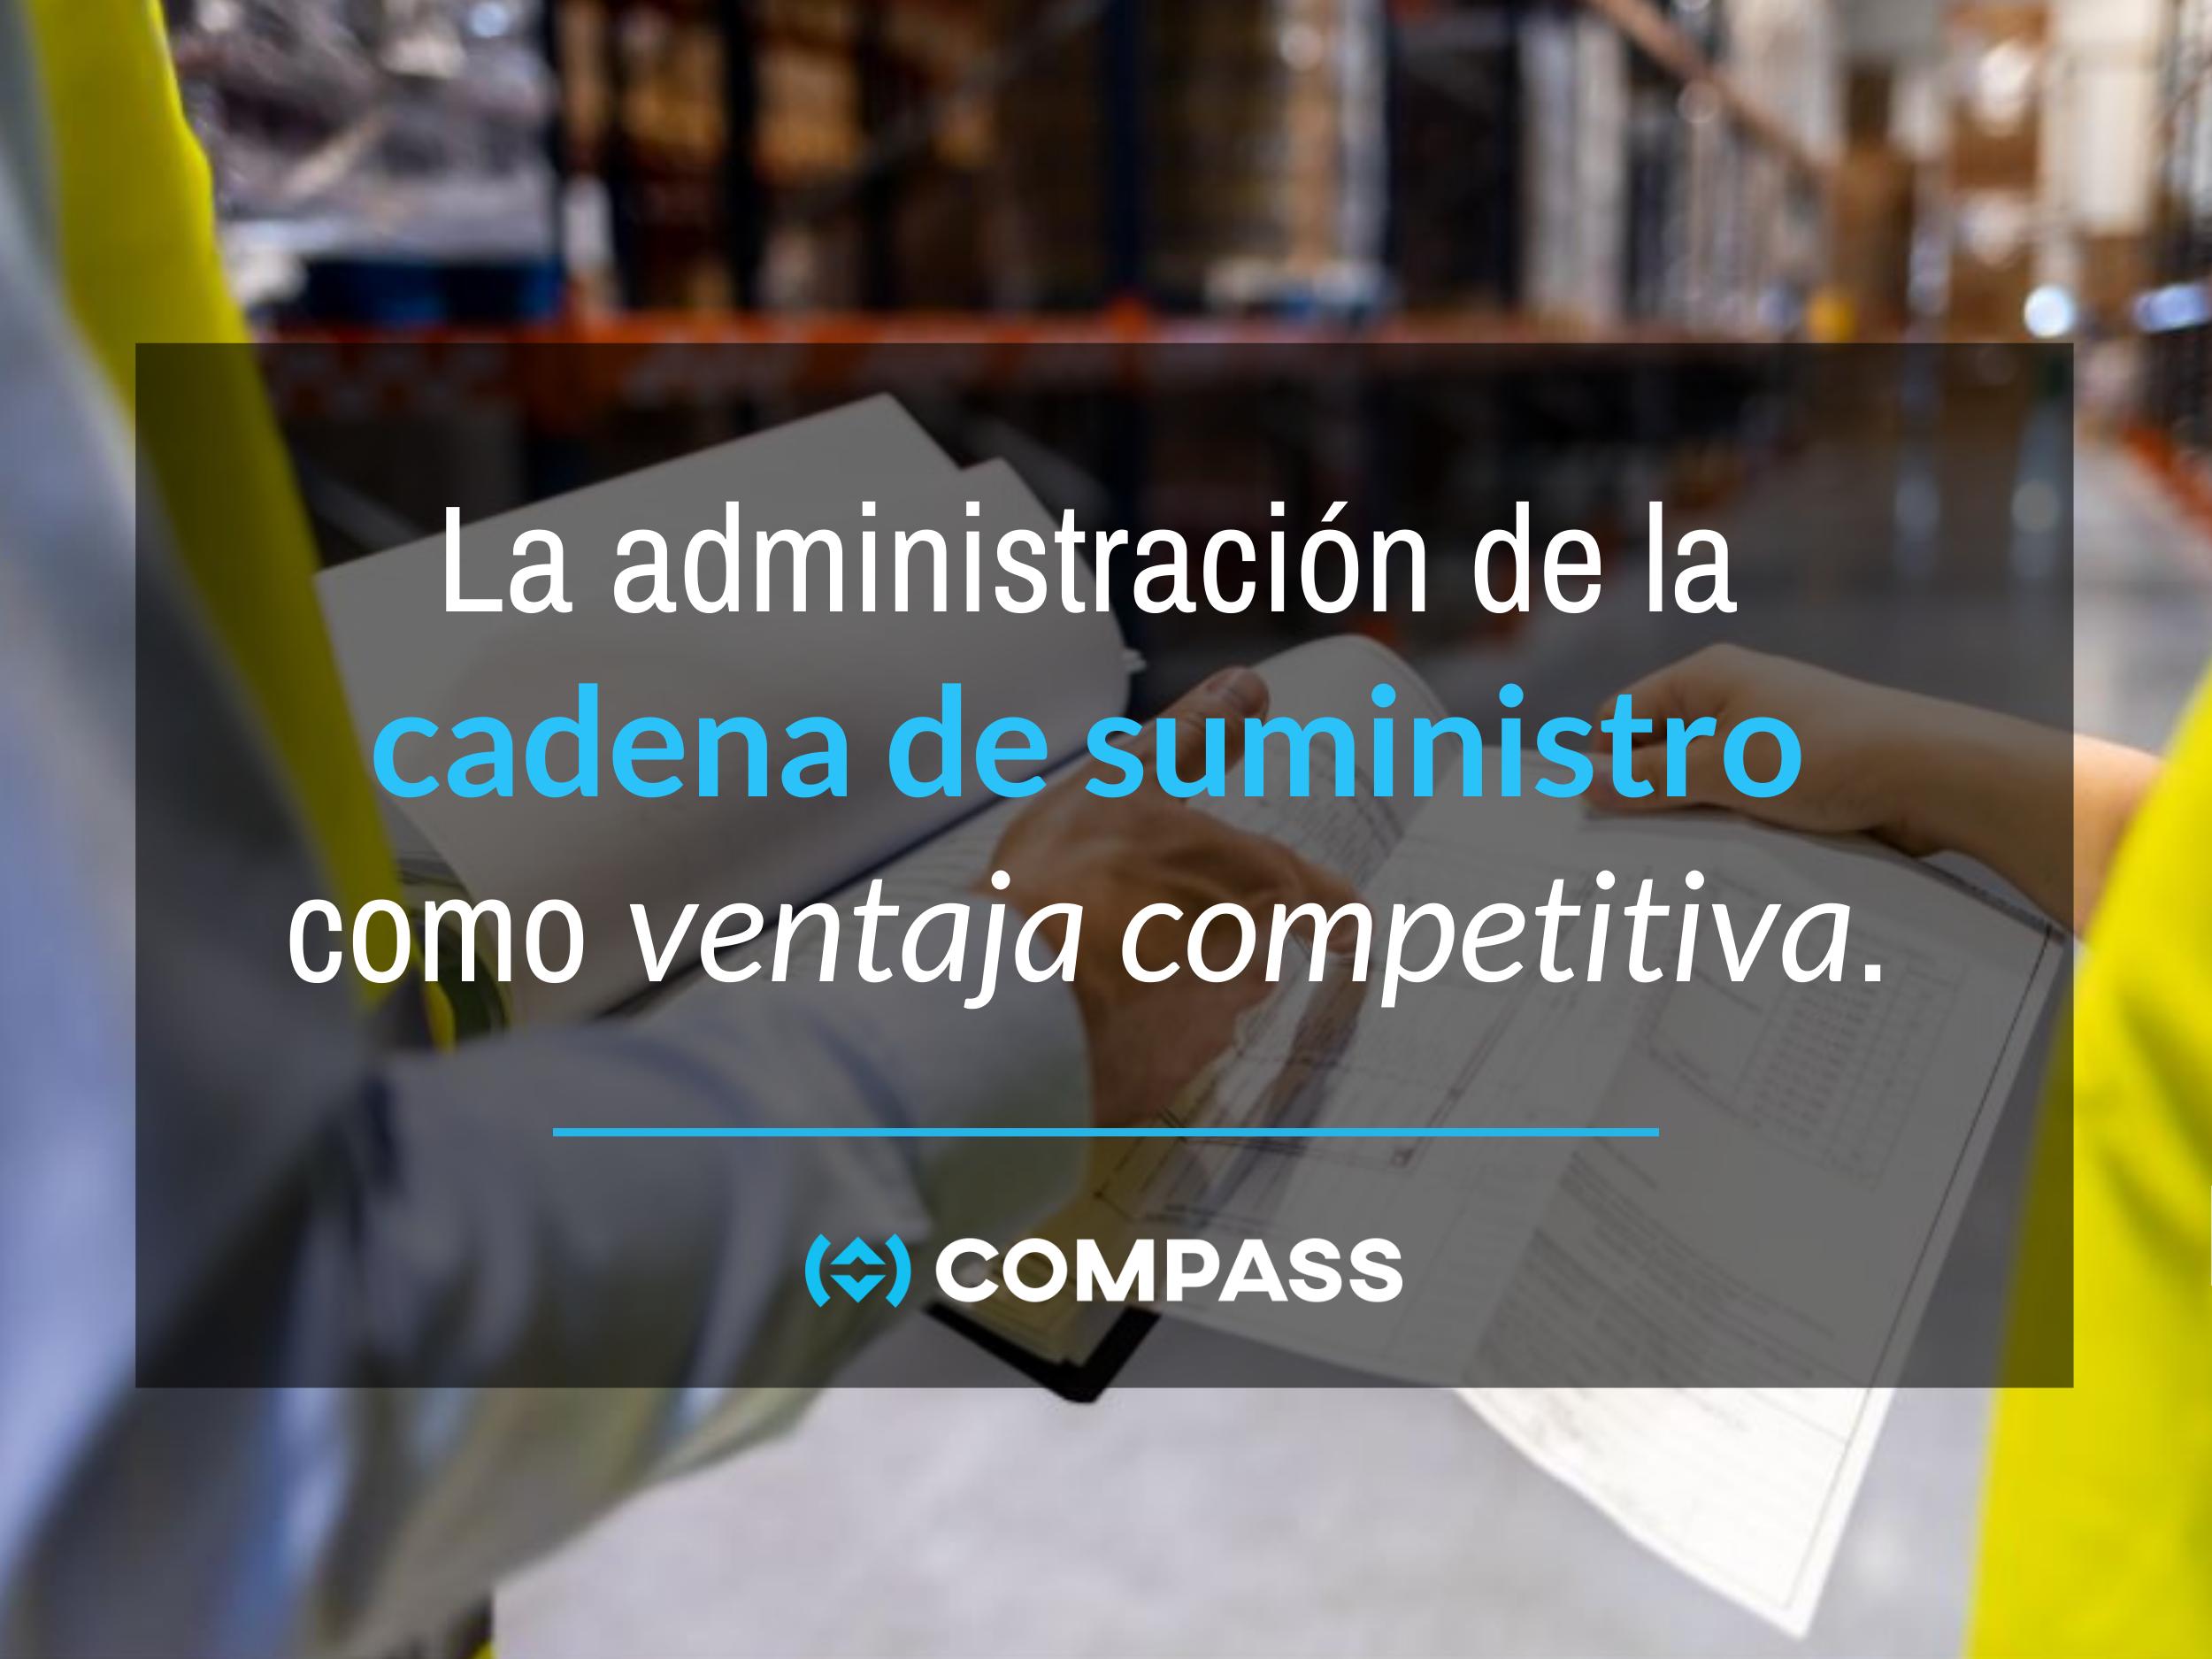 Administración de la cadena de suministro como ventaja competitiva.